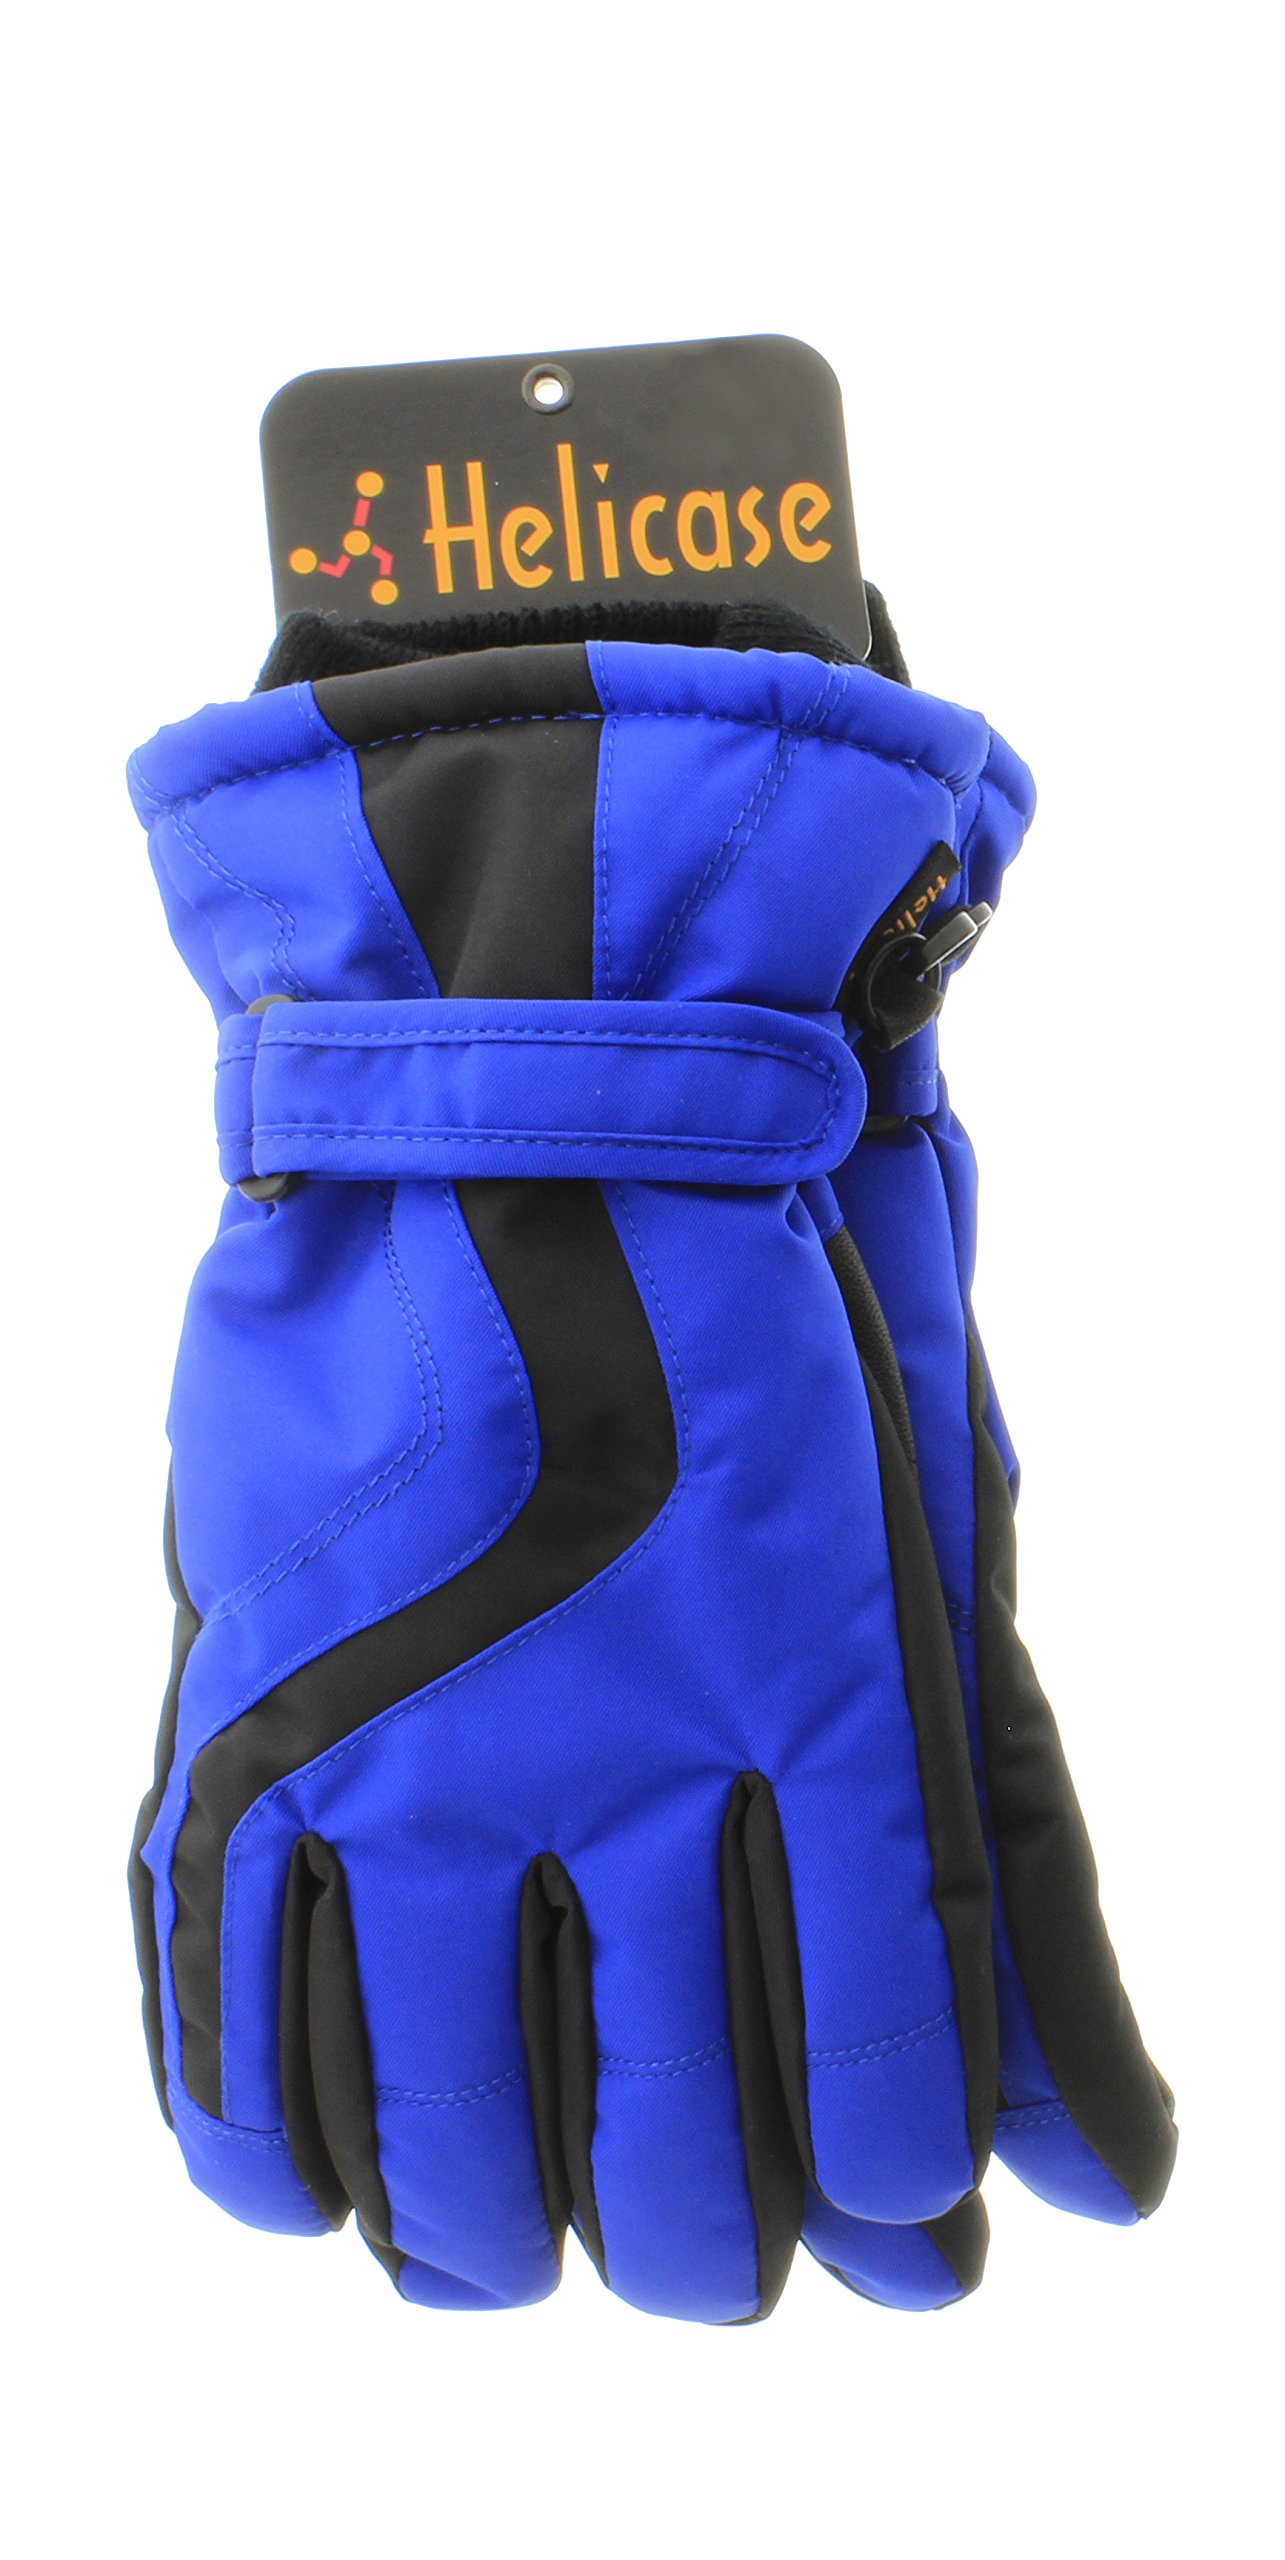 Helicase Waterproof Wristband Cinch Winter Gloves Blue L